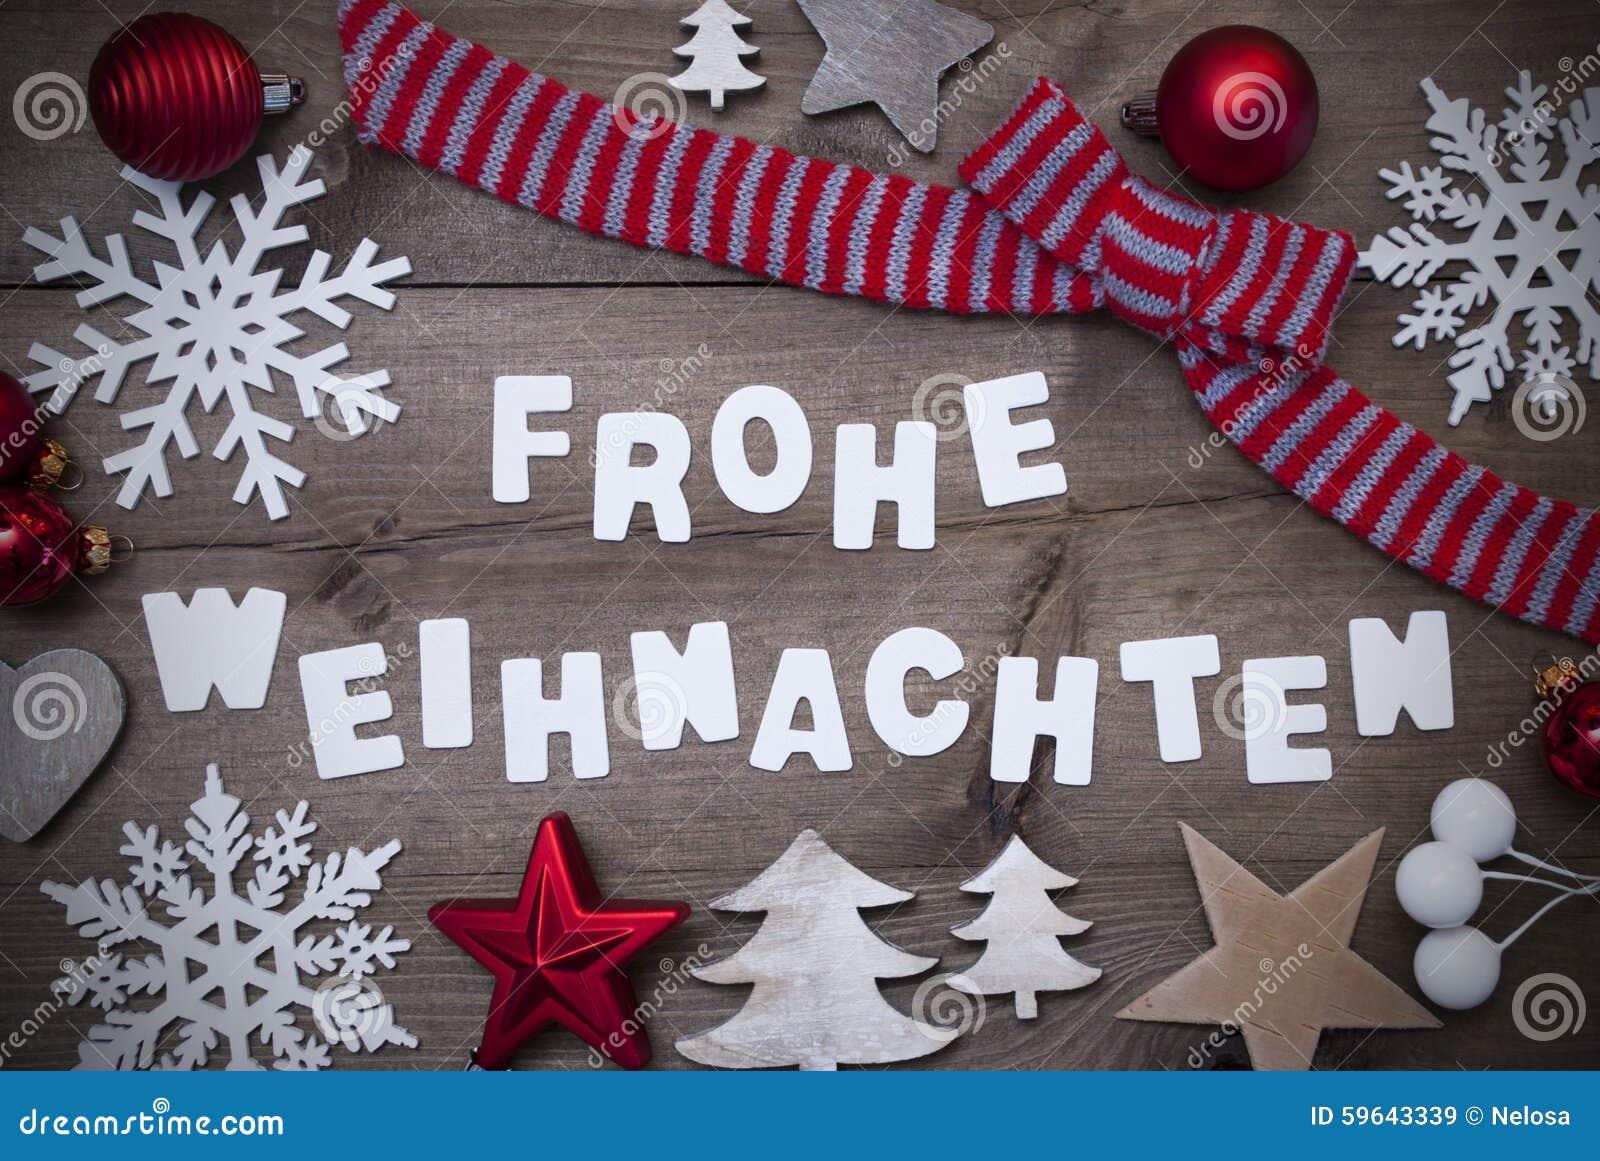 Frohe Weihnachten In Bildern.Frohe Mittelweihnachten Frohe Weihnachten Rote Schleifen Dekoration